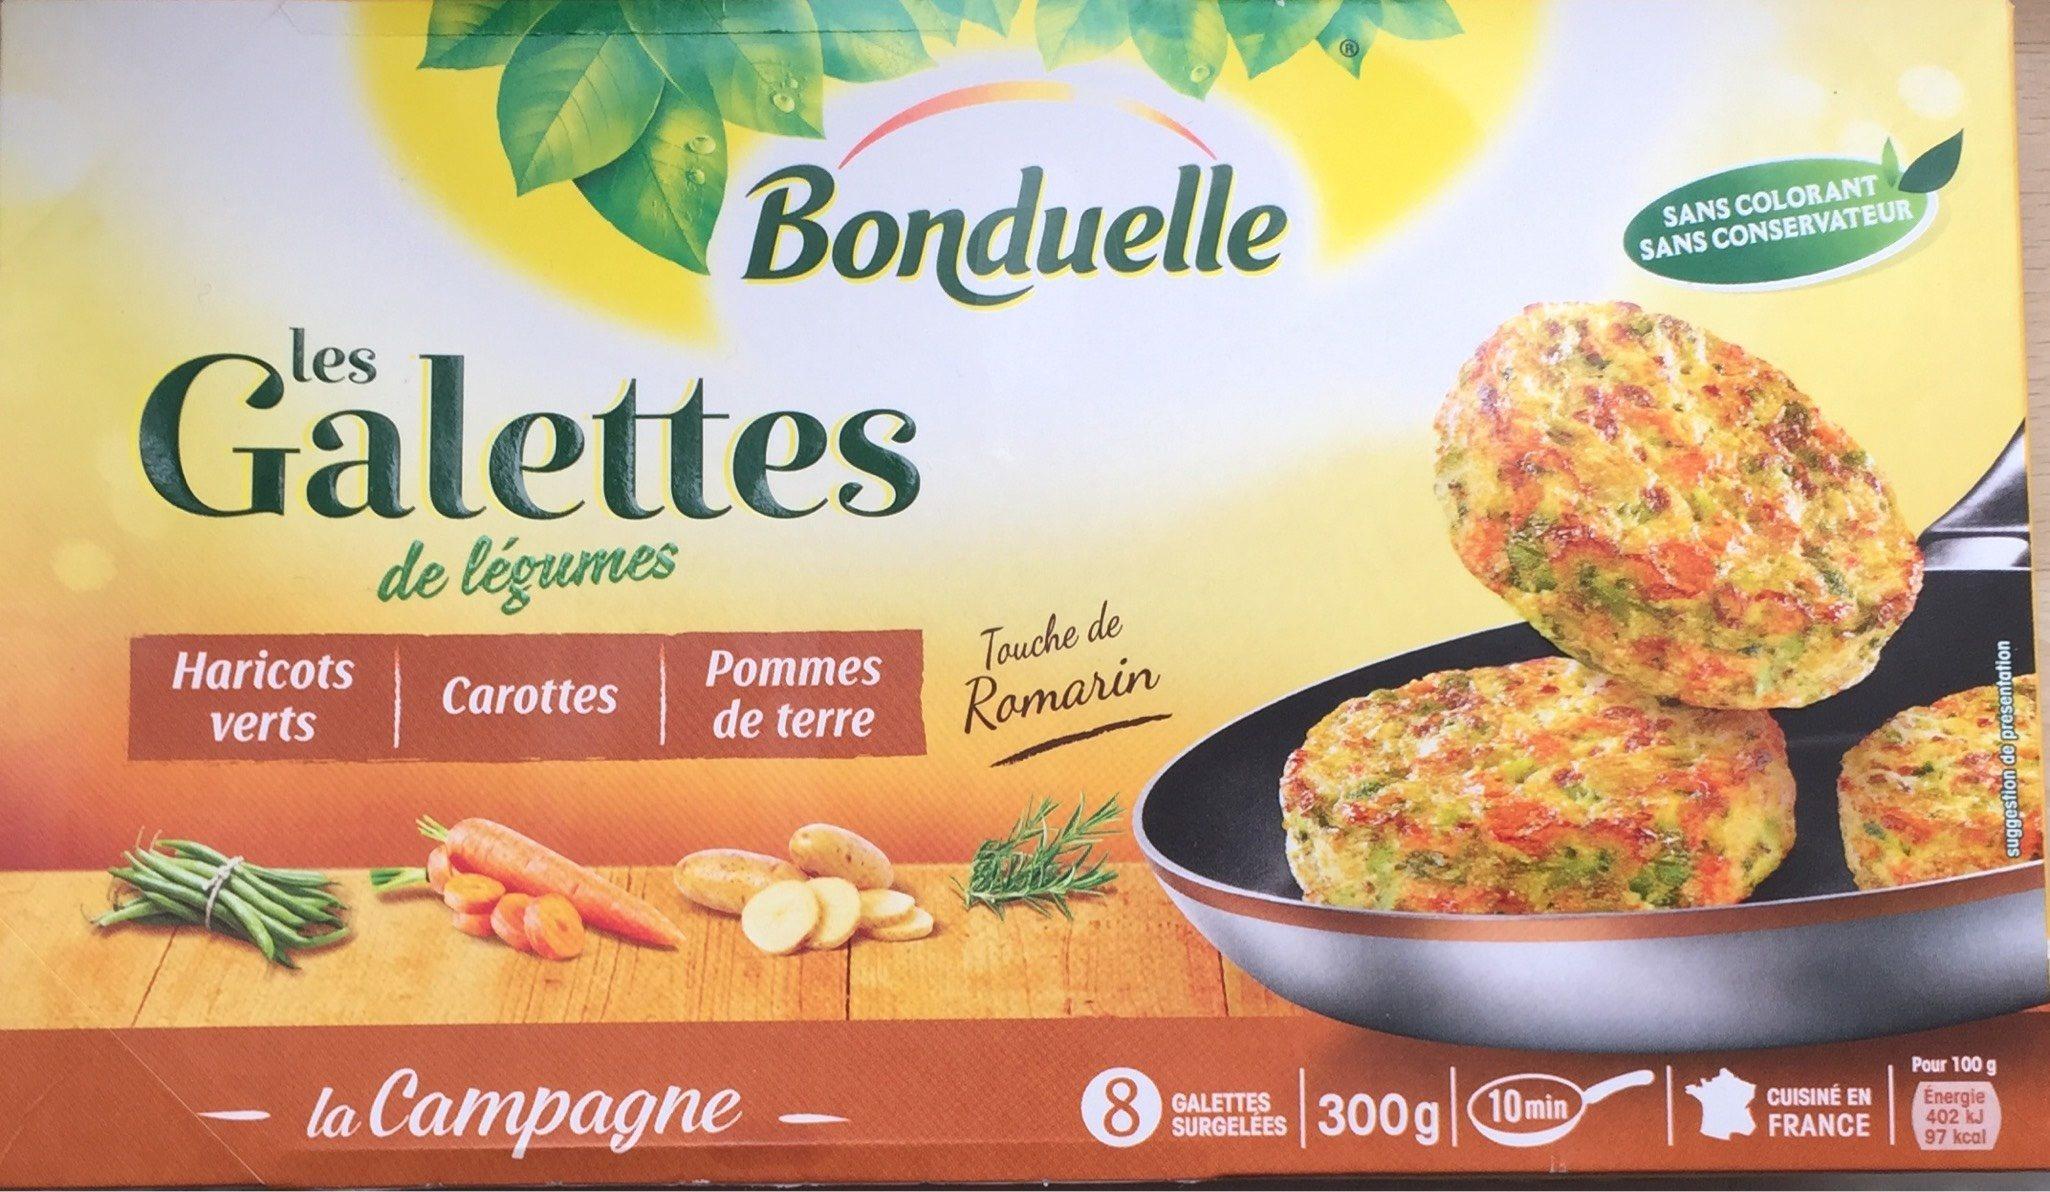 Galettes de Légumes, haricot, carotte, pdt - Product